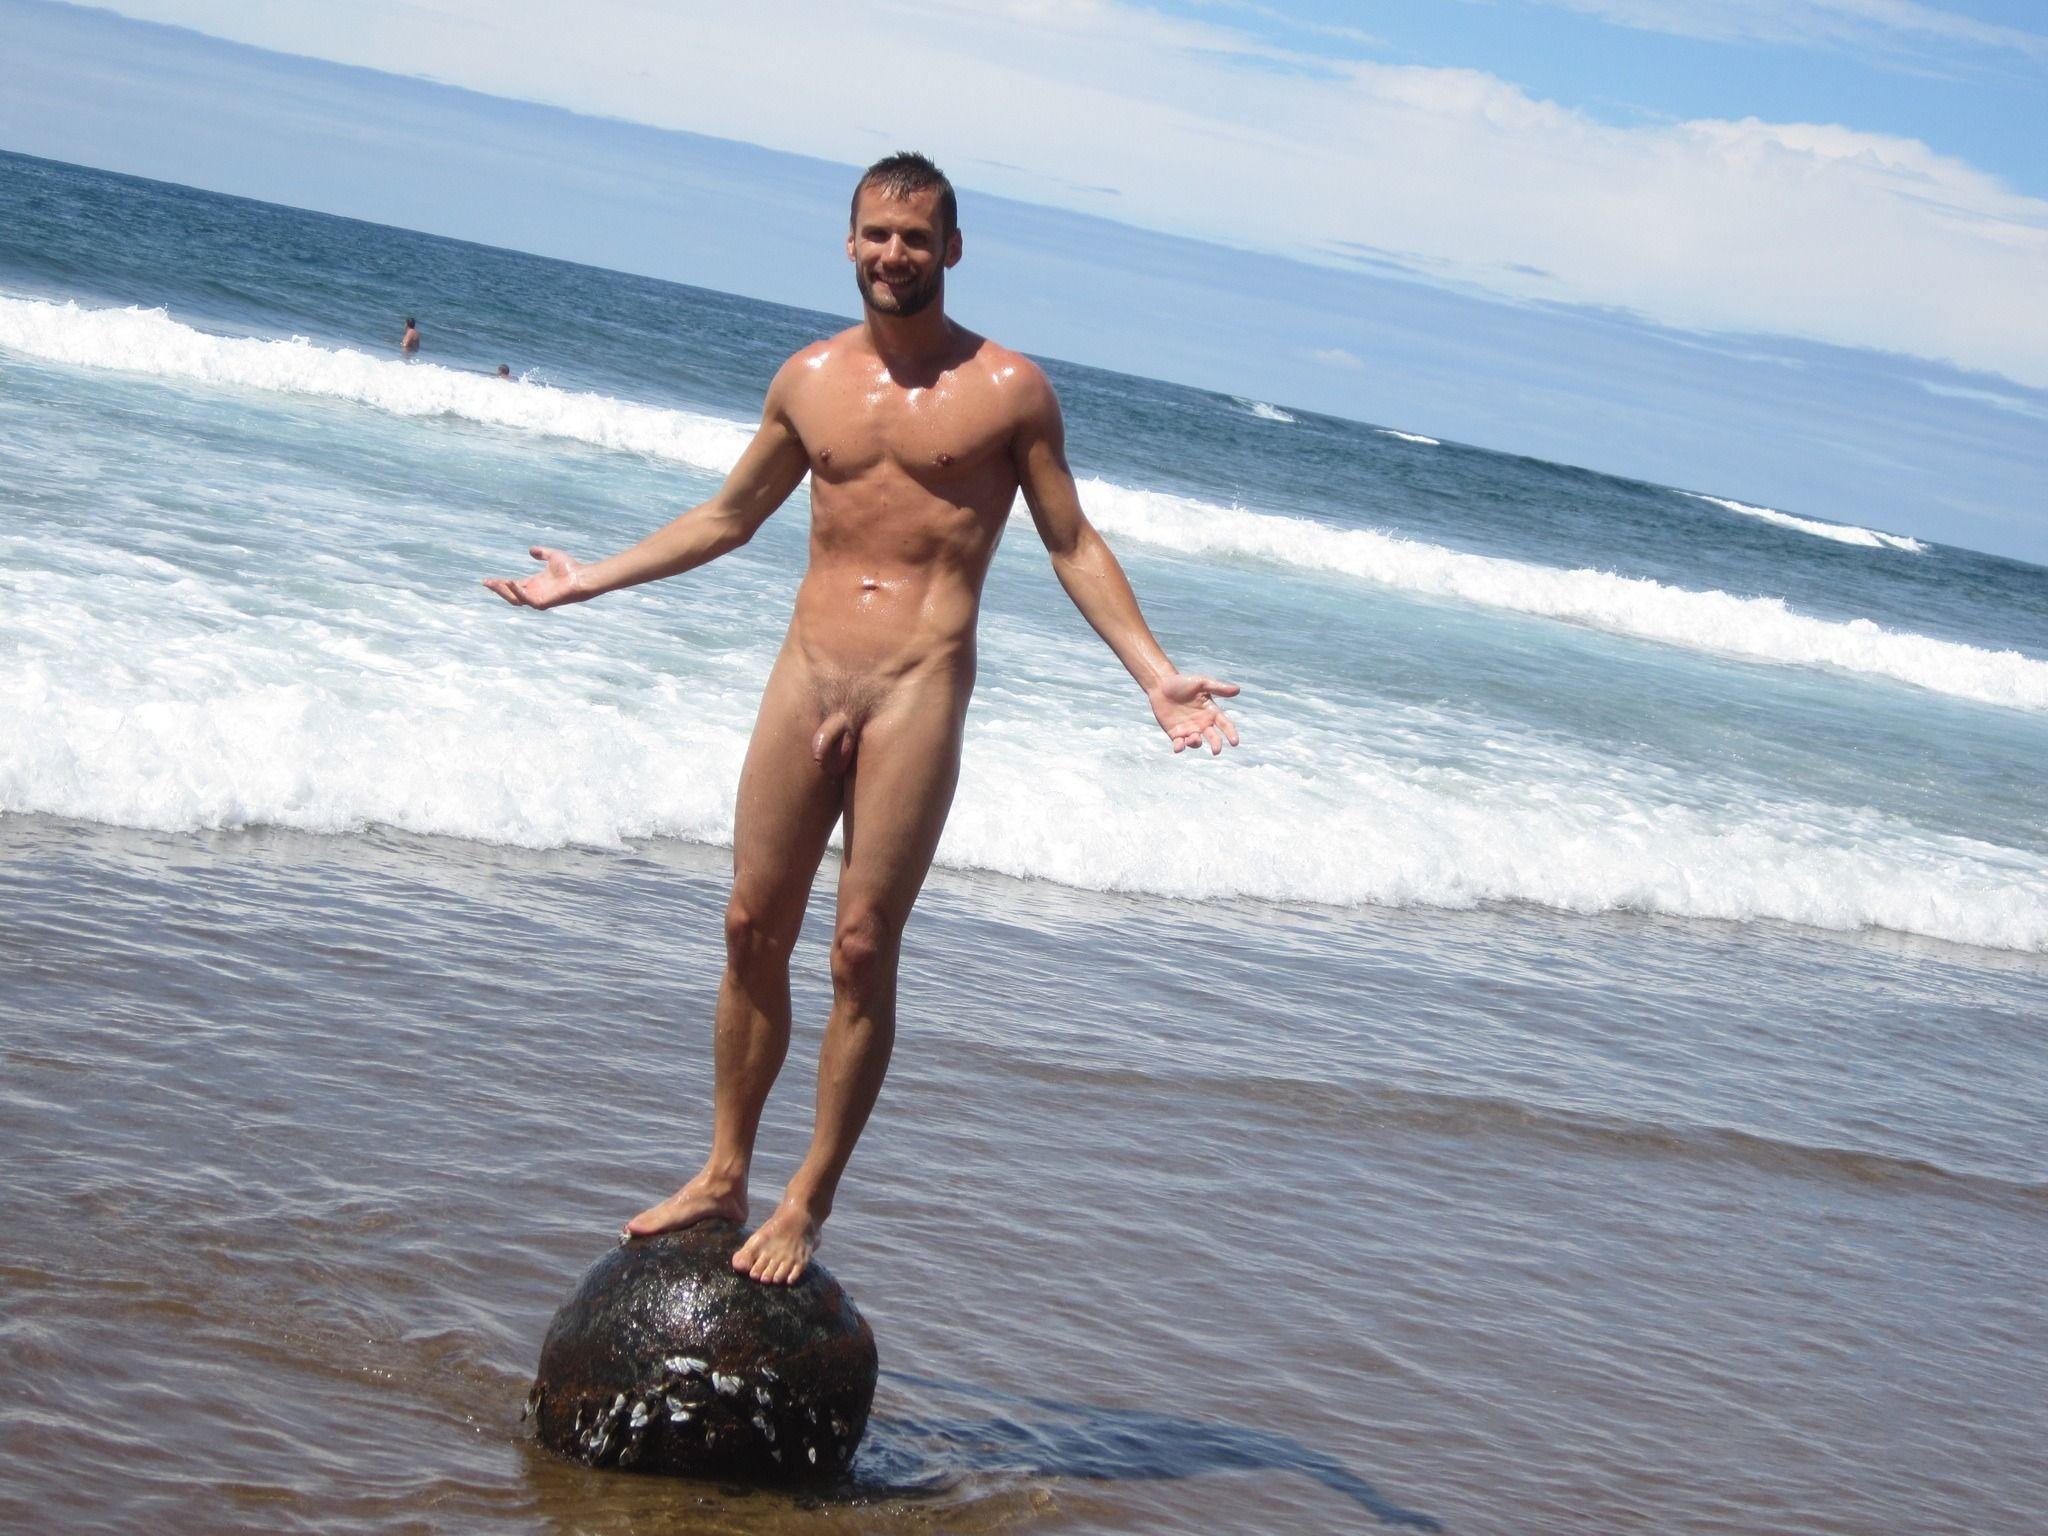 Man nude swimming 9